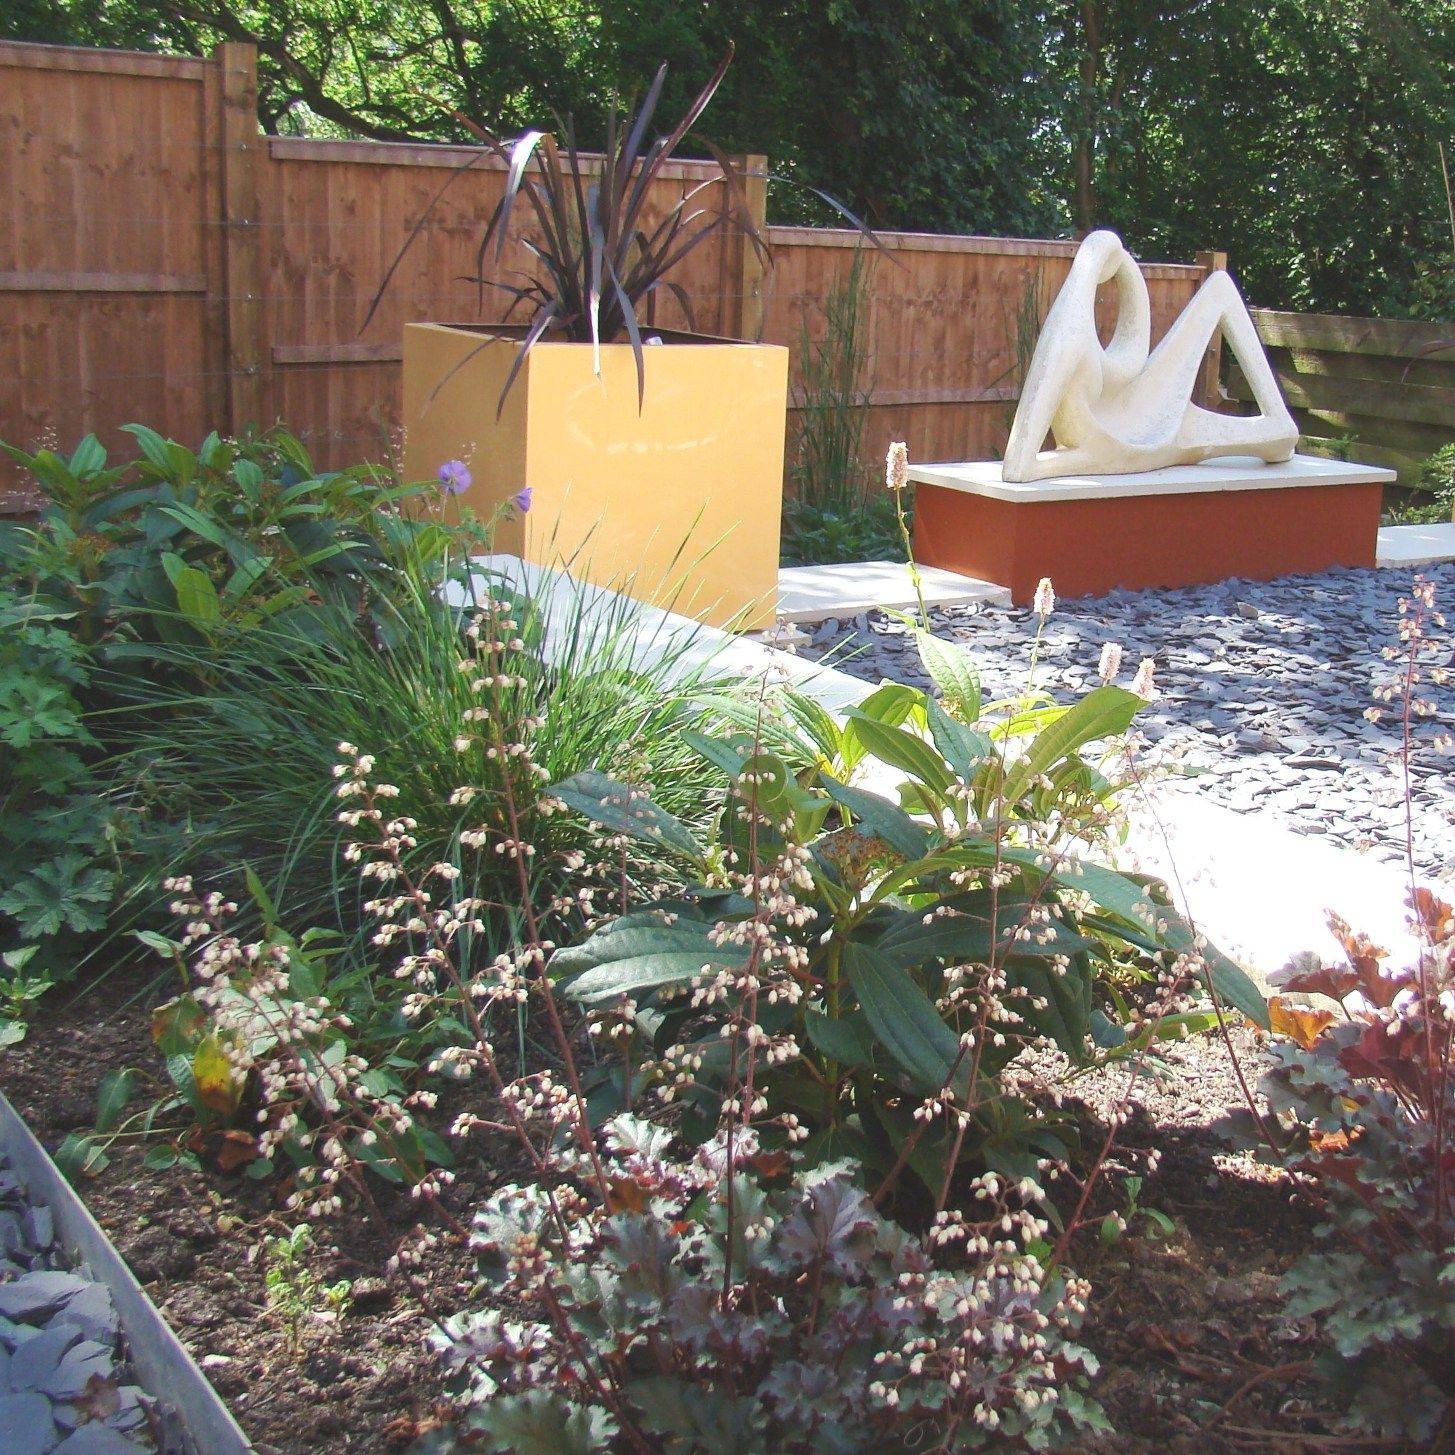 colorado garden ideas images | ... Landscapes – garden design in North East Scotland | Garden Design